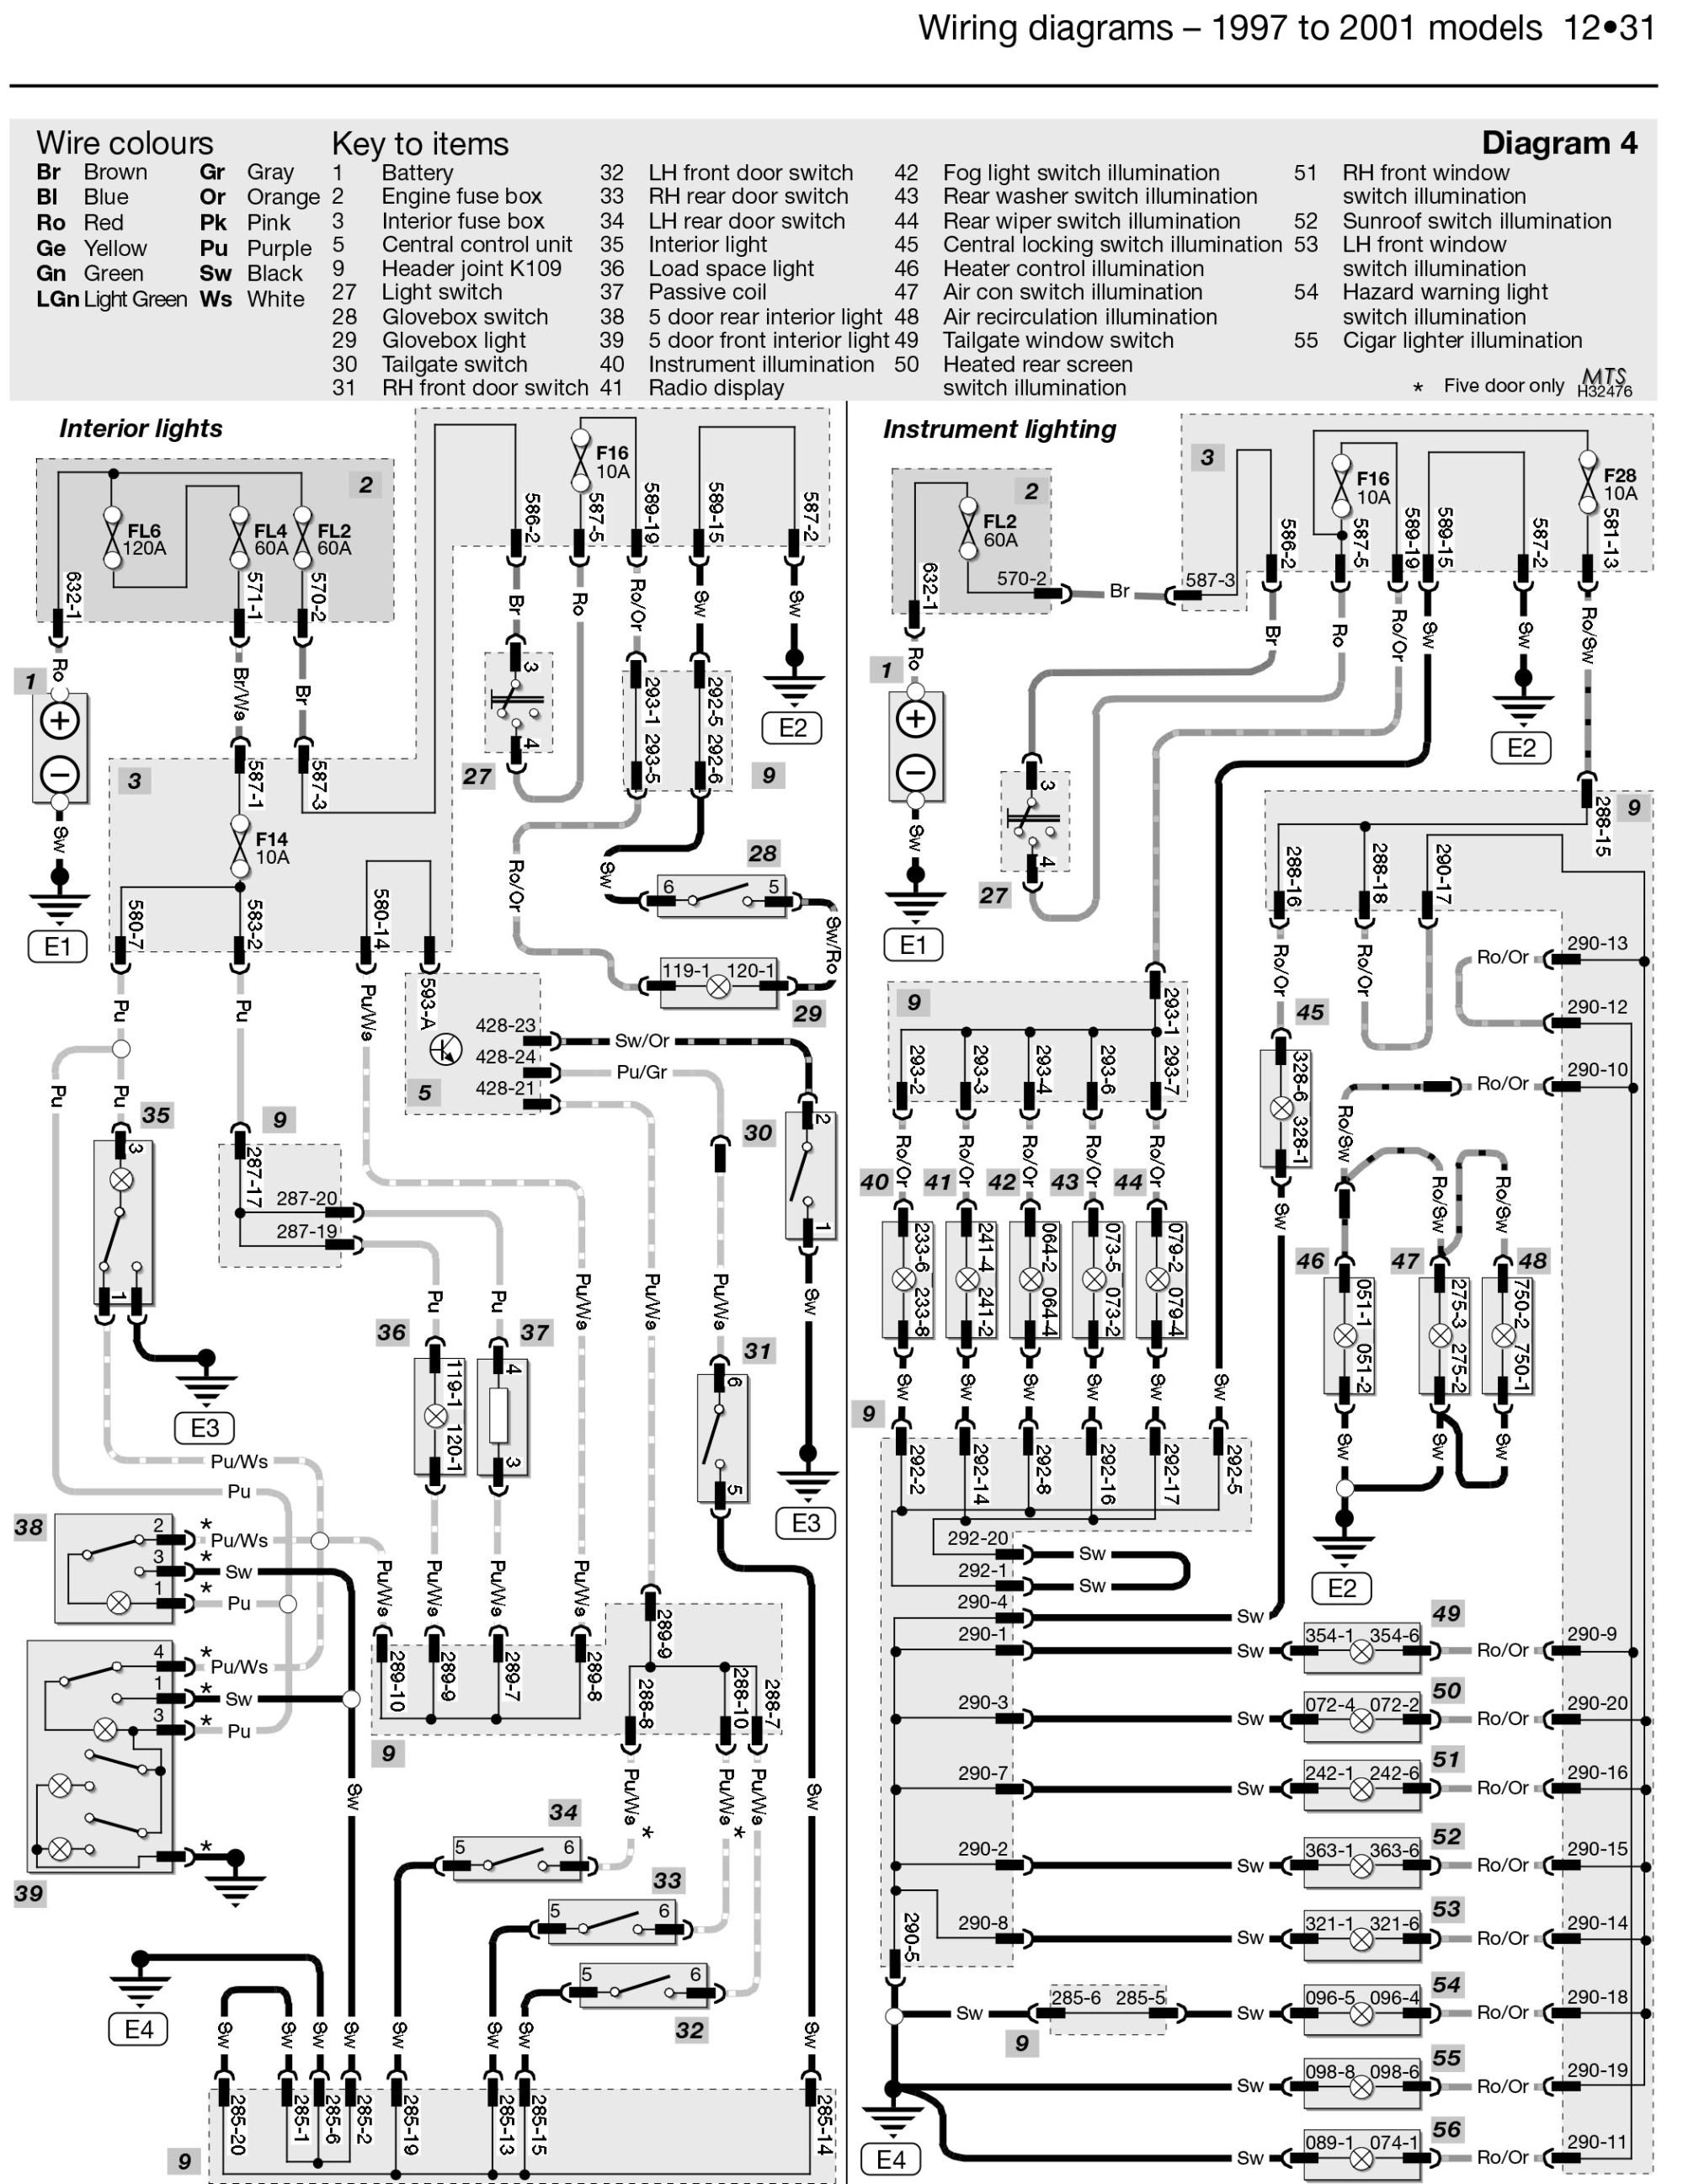 hight resolution of land rover freelander td4 wiring diagram wiring diagram expert wiring diagram land rover freelander freelander 2